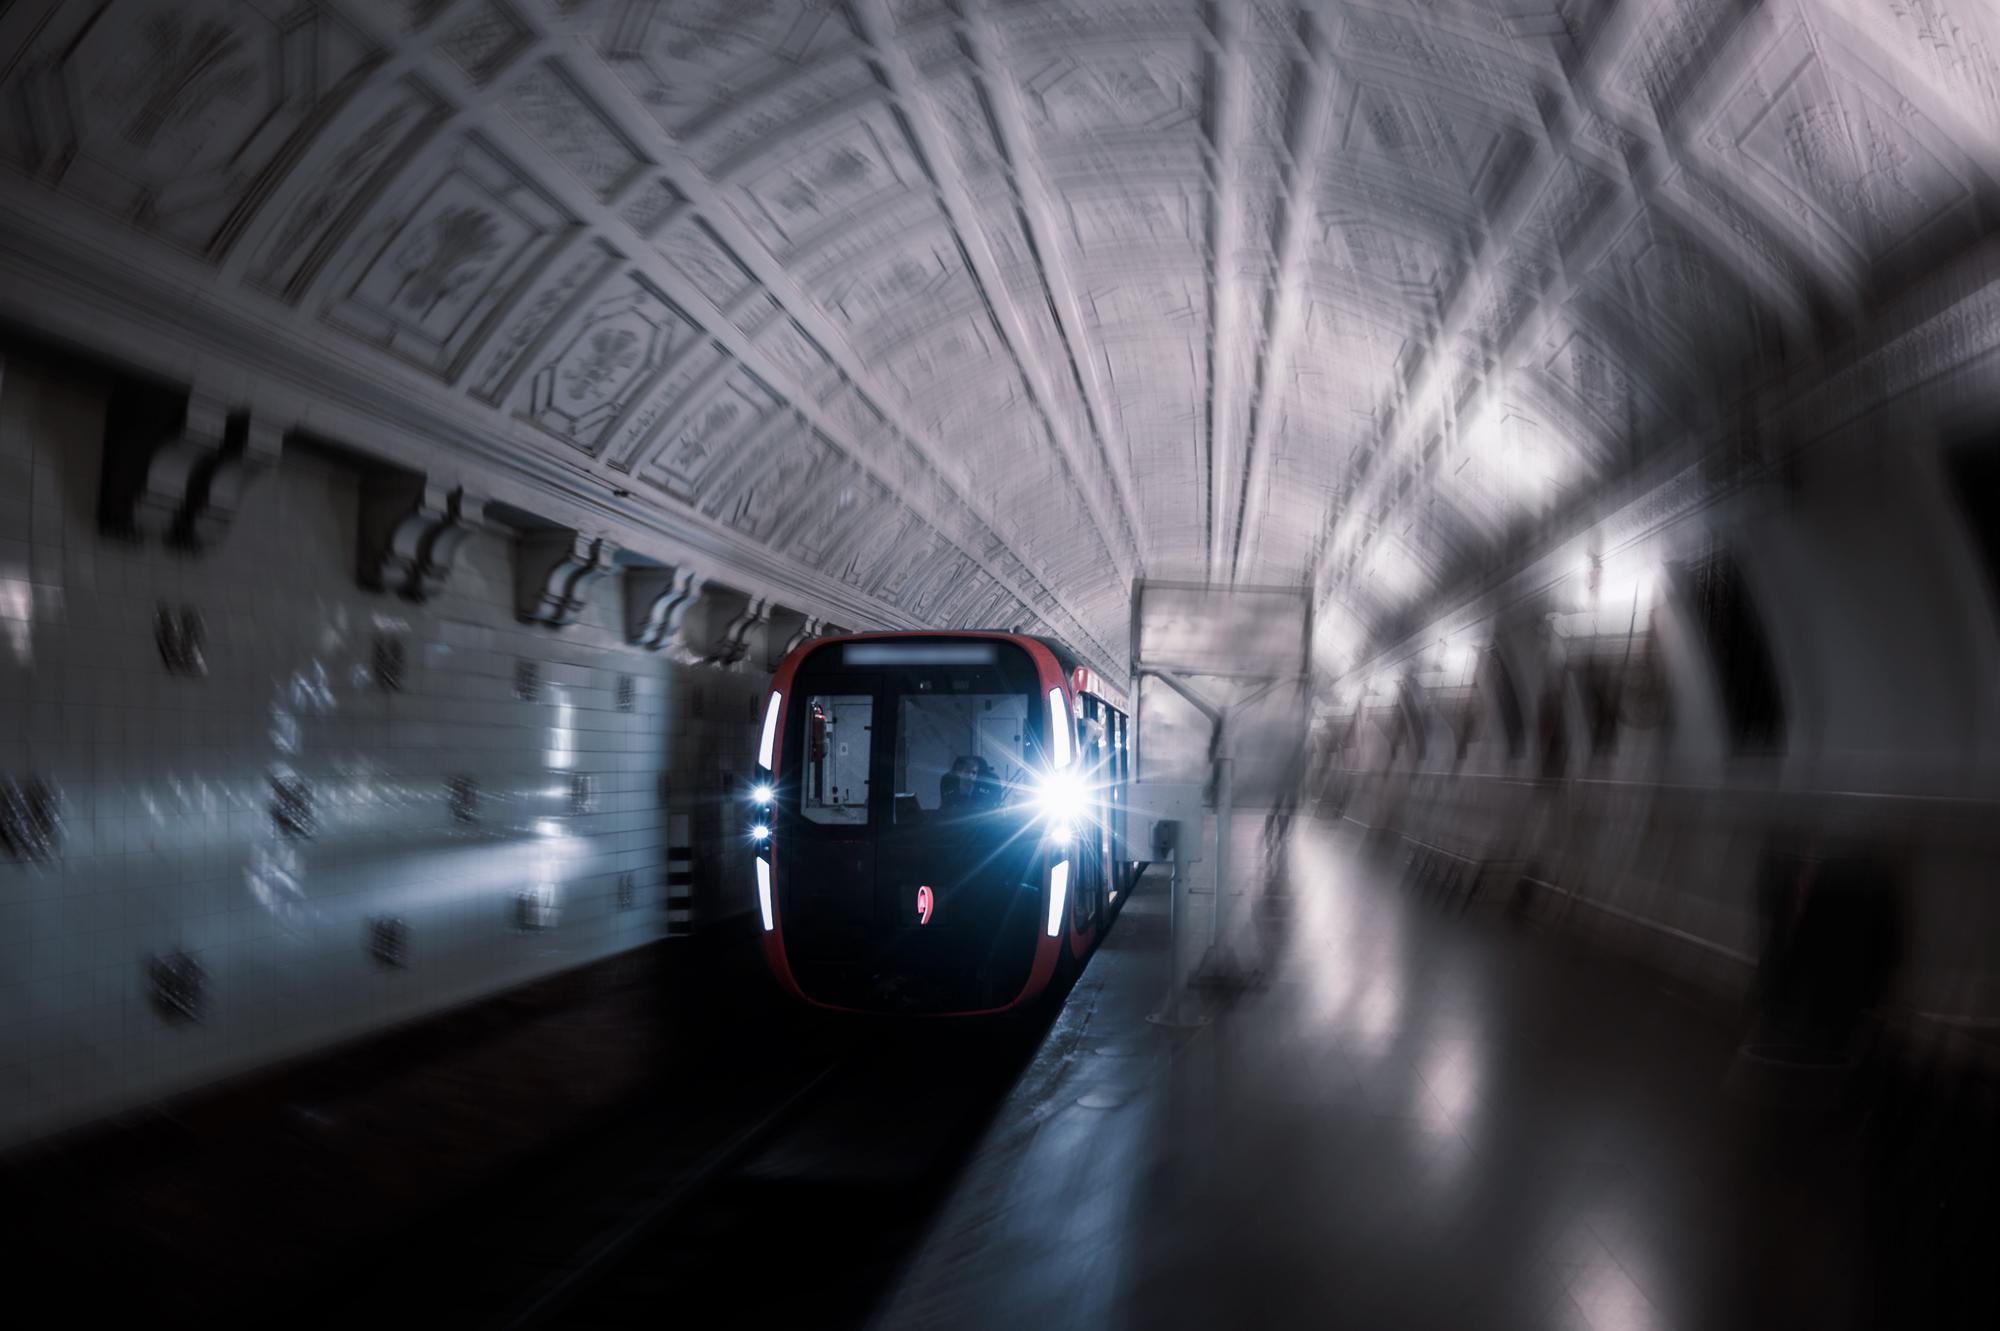 Тайна столичного подземелья. Существует ли 'параллельное метро' в Москве